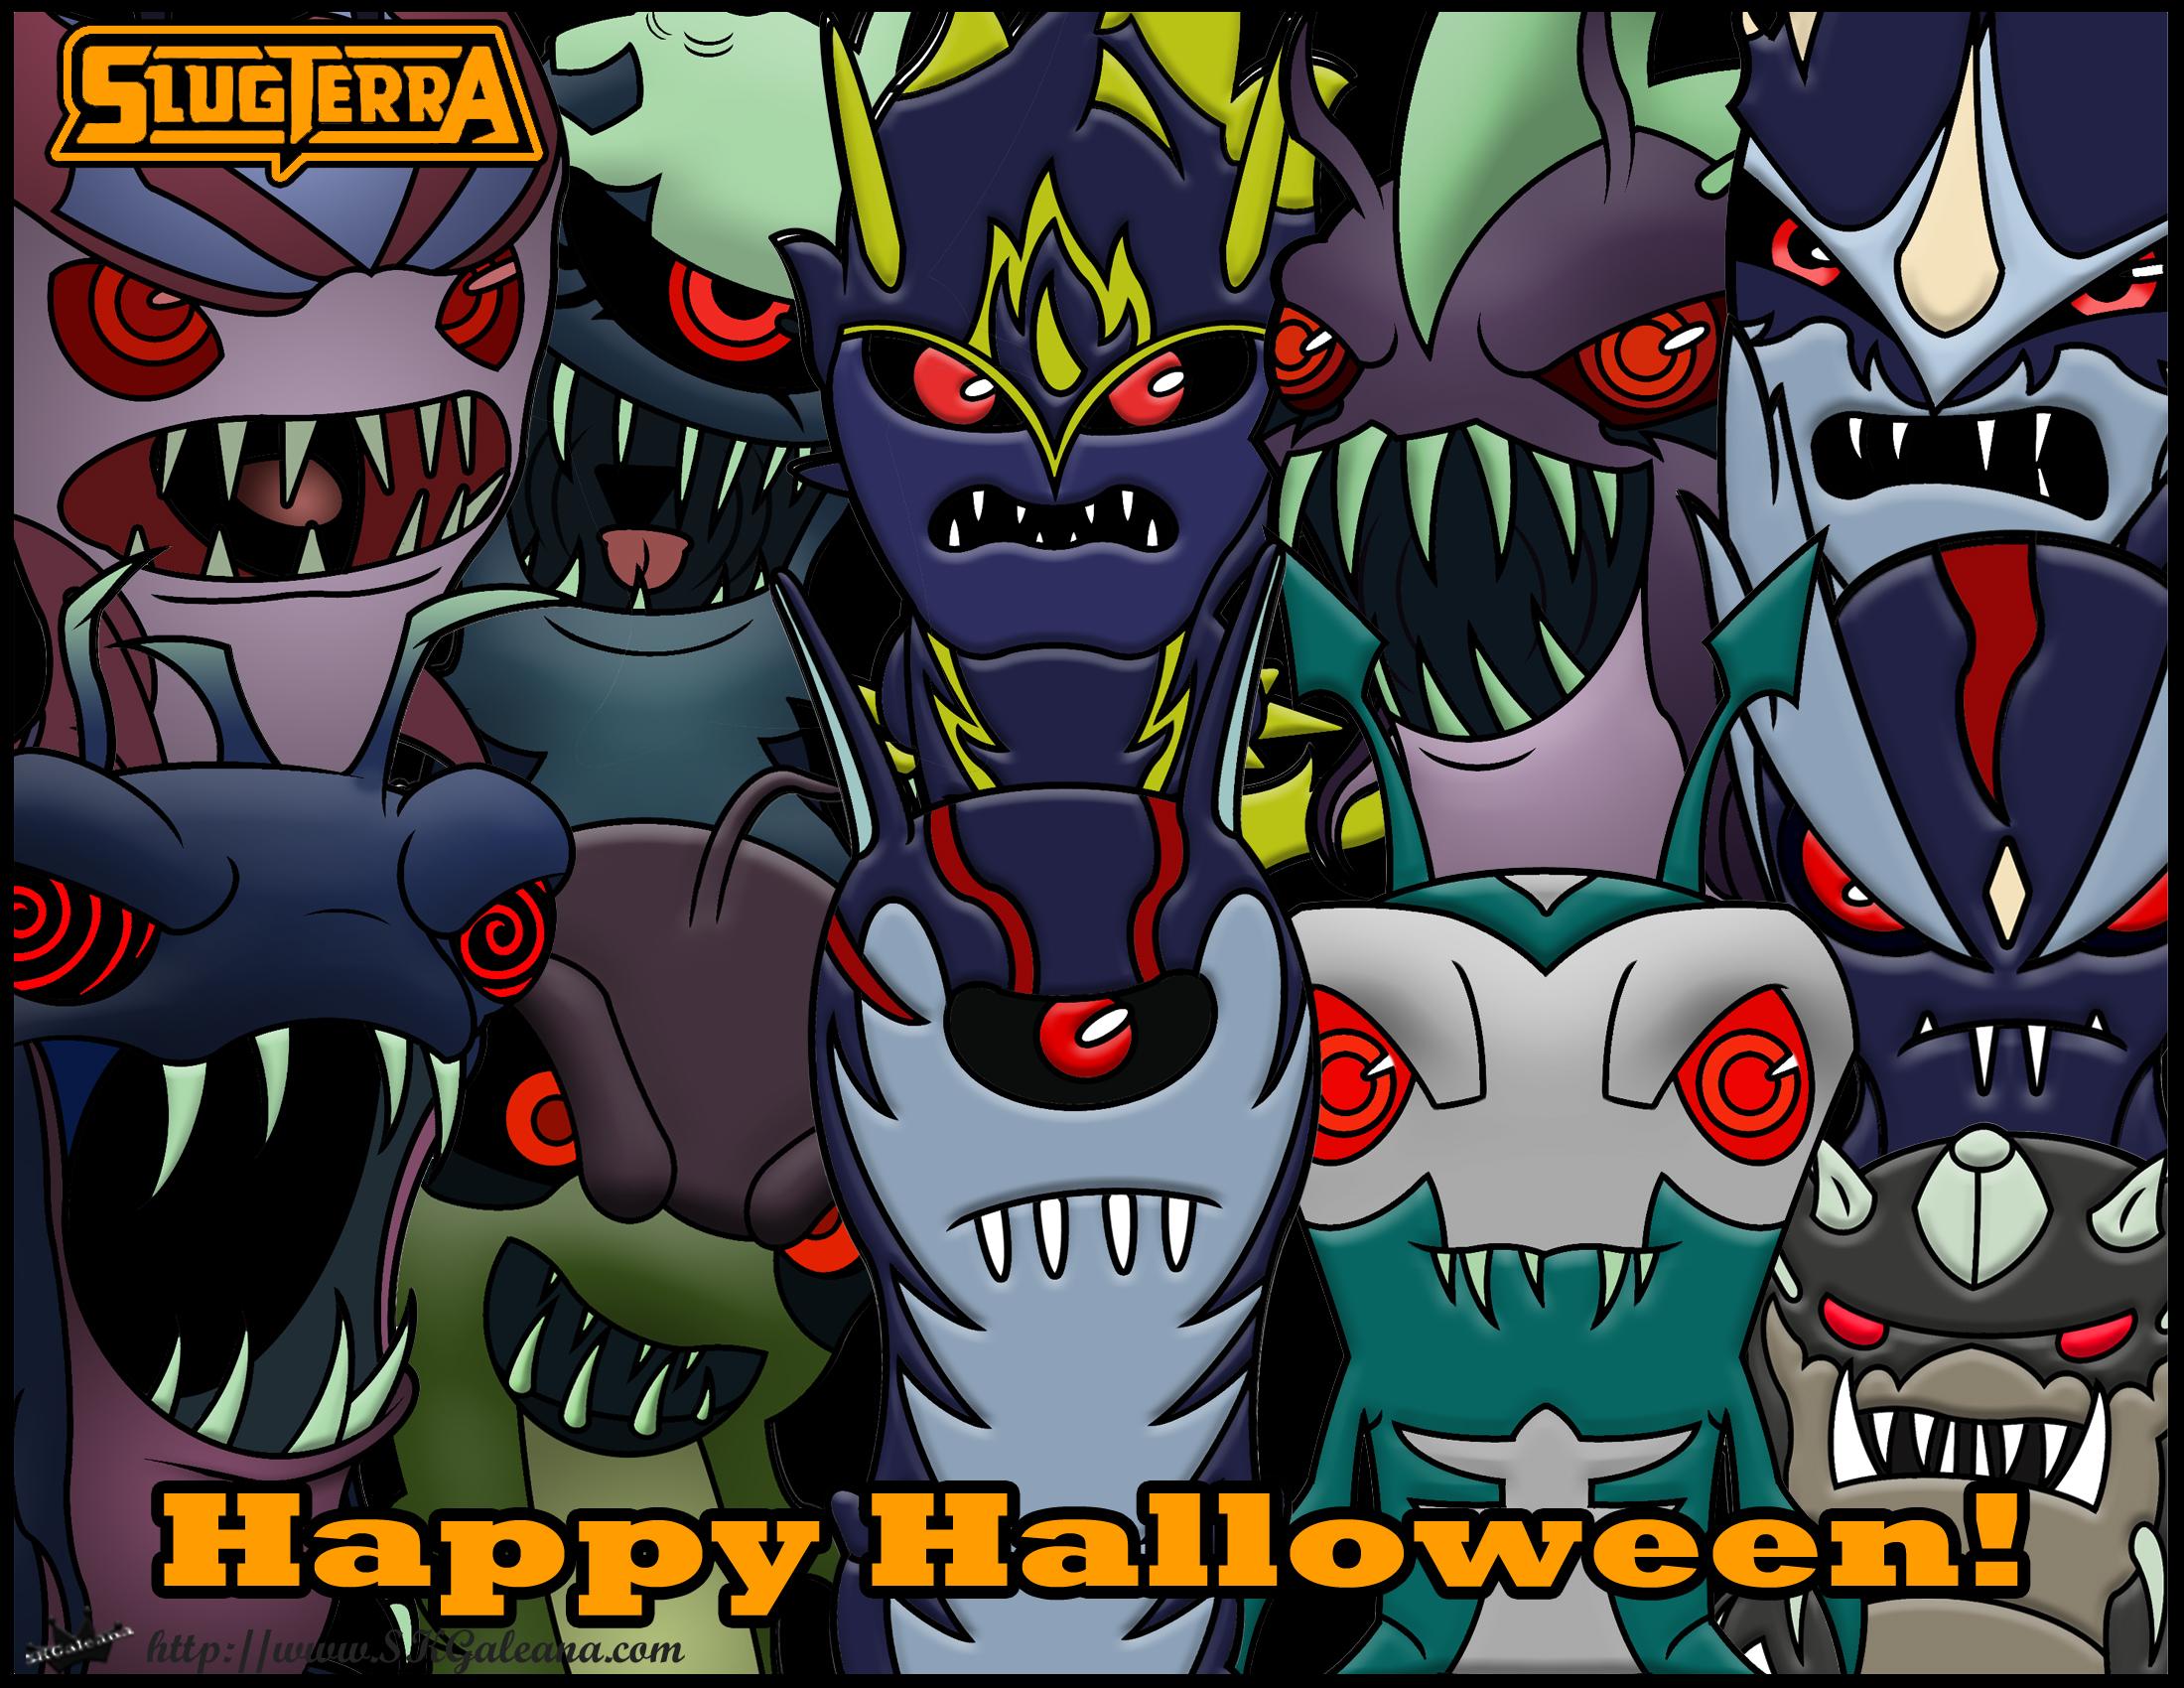 Happy Halloween Ghouls Slugterra Skgaleana